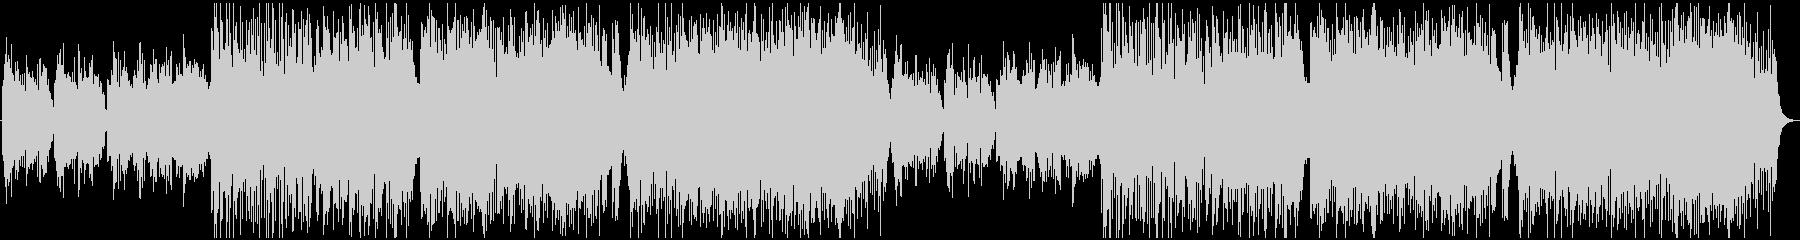 ほのぼのとしたケルト曲の未再生の波形